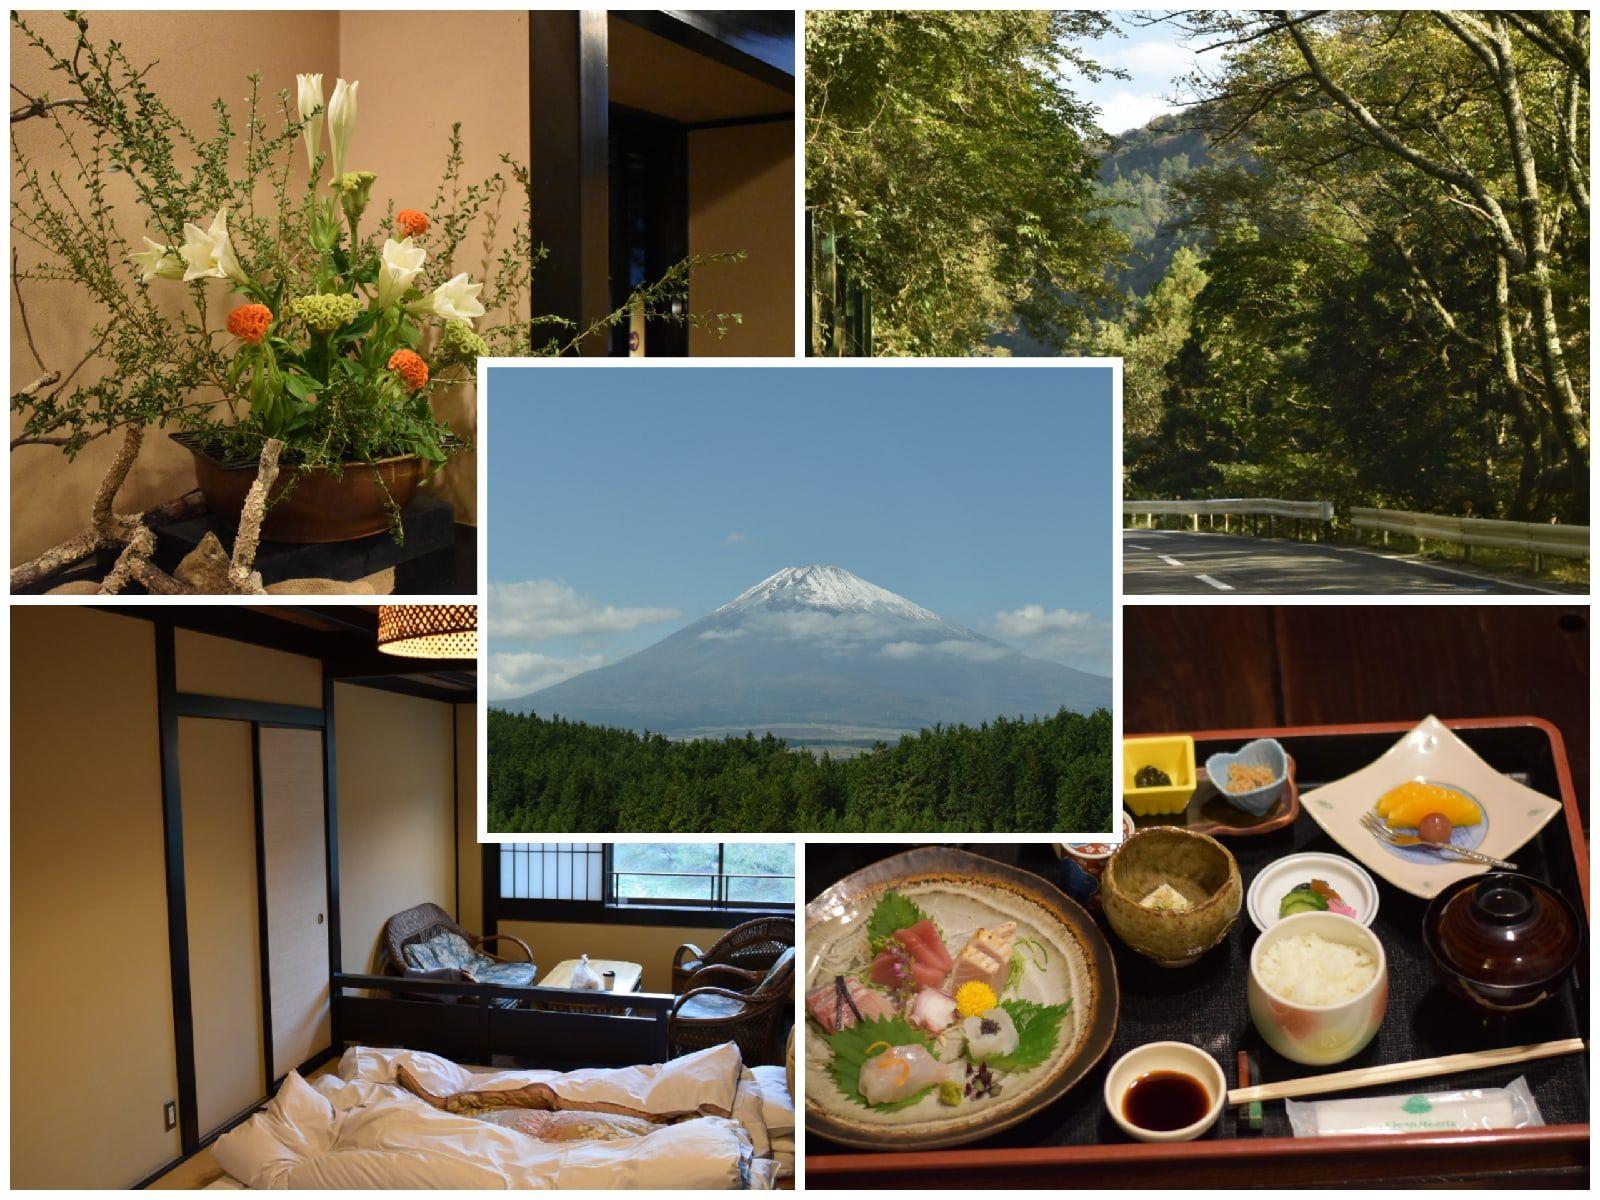 Один мой день в префектуре Сидзока, Япония, я покажу вам долгожданную семейную поездку